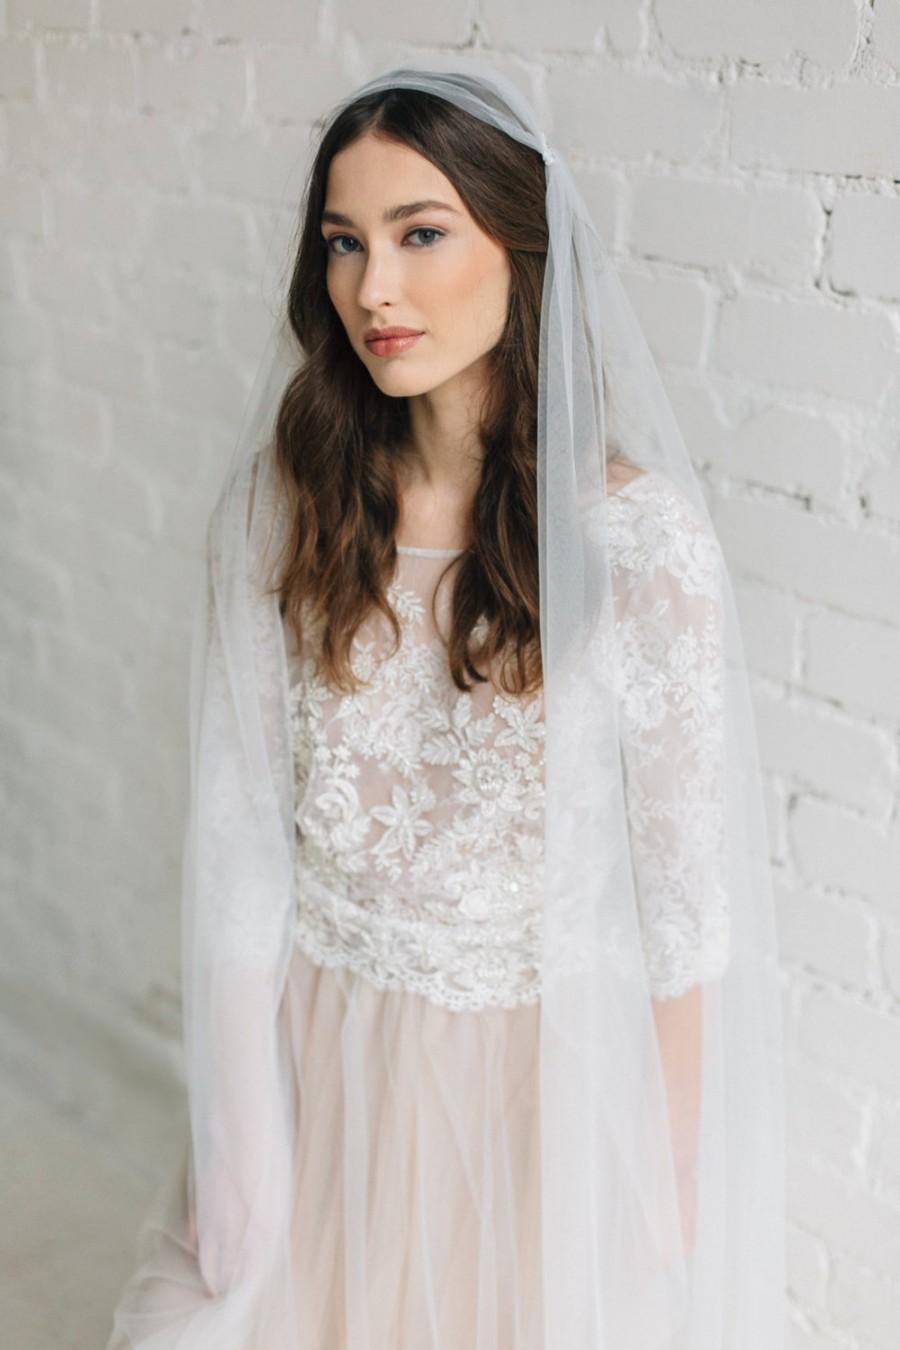 Свадьба - Wedding Veil , Boho Veil, Ivory Veil ,Chapel Length Veil ,Soft Tulle Veil ,Bohemian Wedding Veil, Long Wedding Veil ,Simple Veil  - SCARLETT